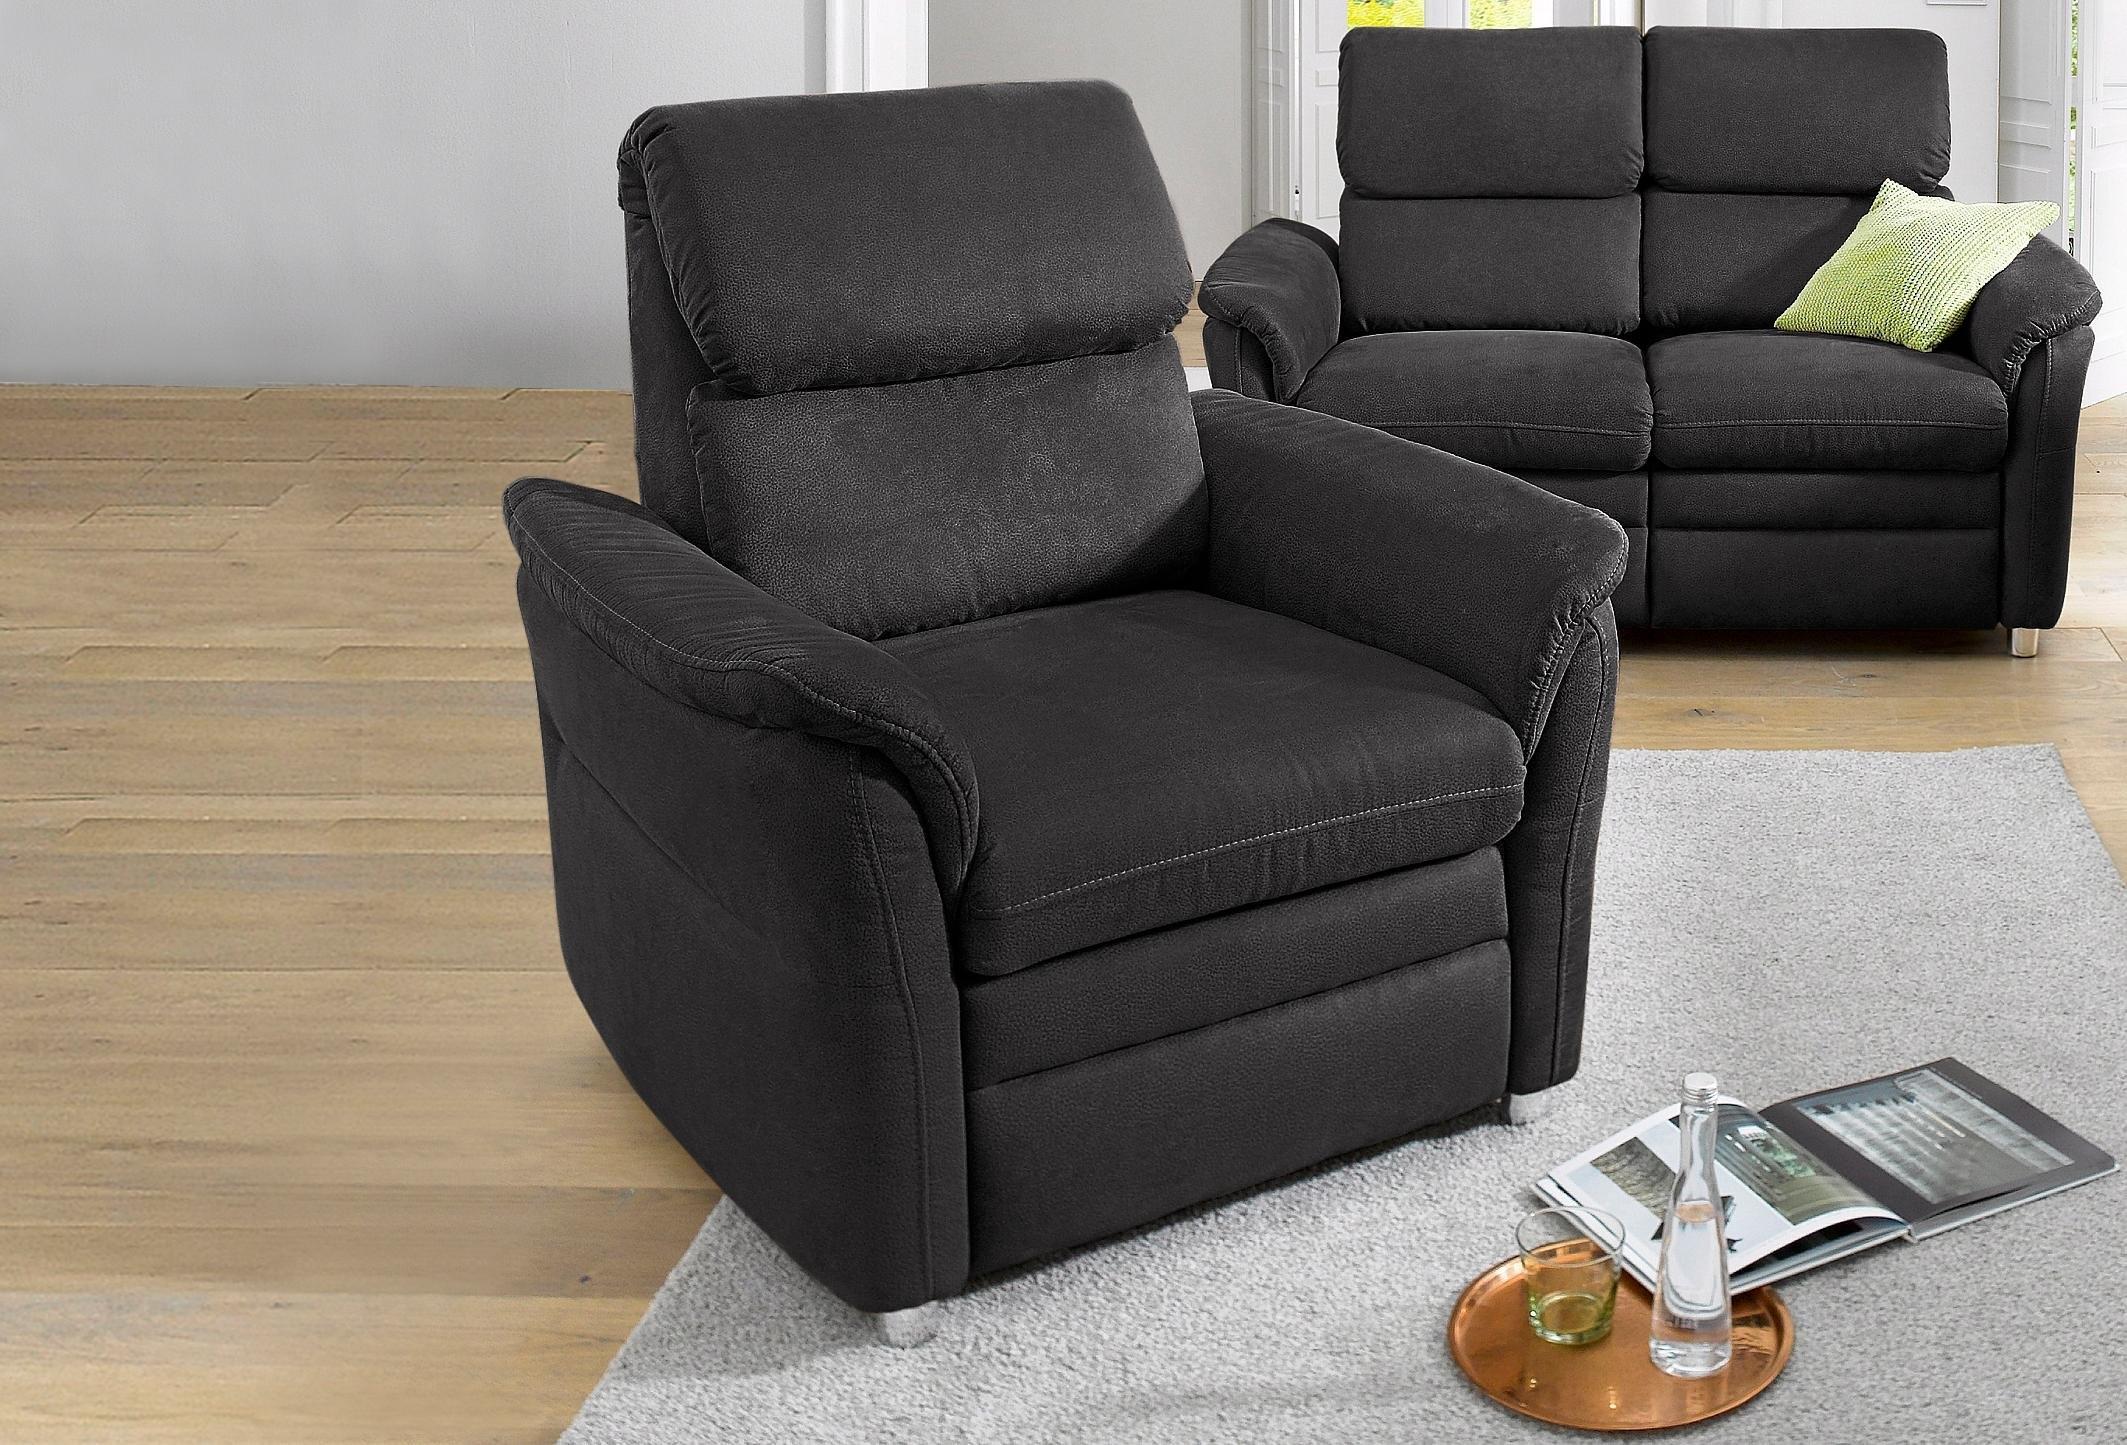 Raum.id fauteuil, naar keuze met relaxfunctie en rugverstelling in de webshop van OTTO kopen